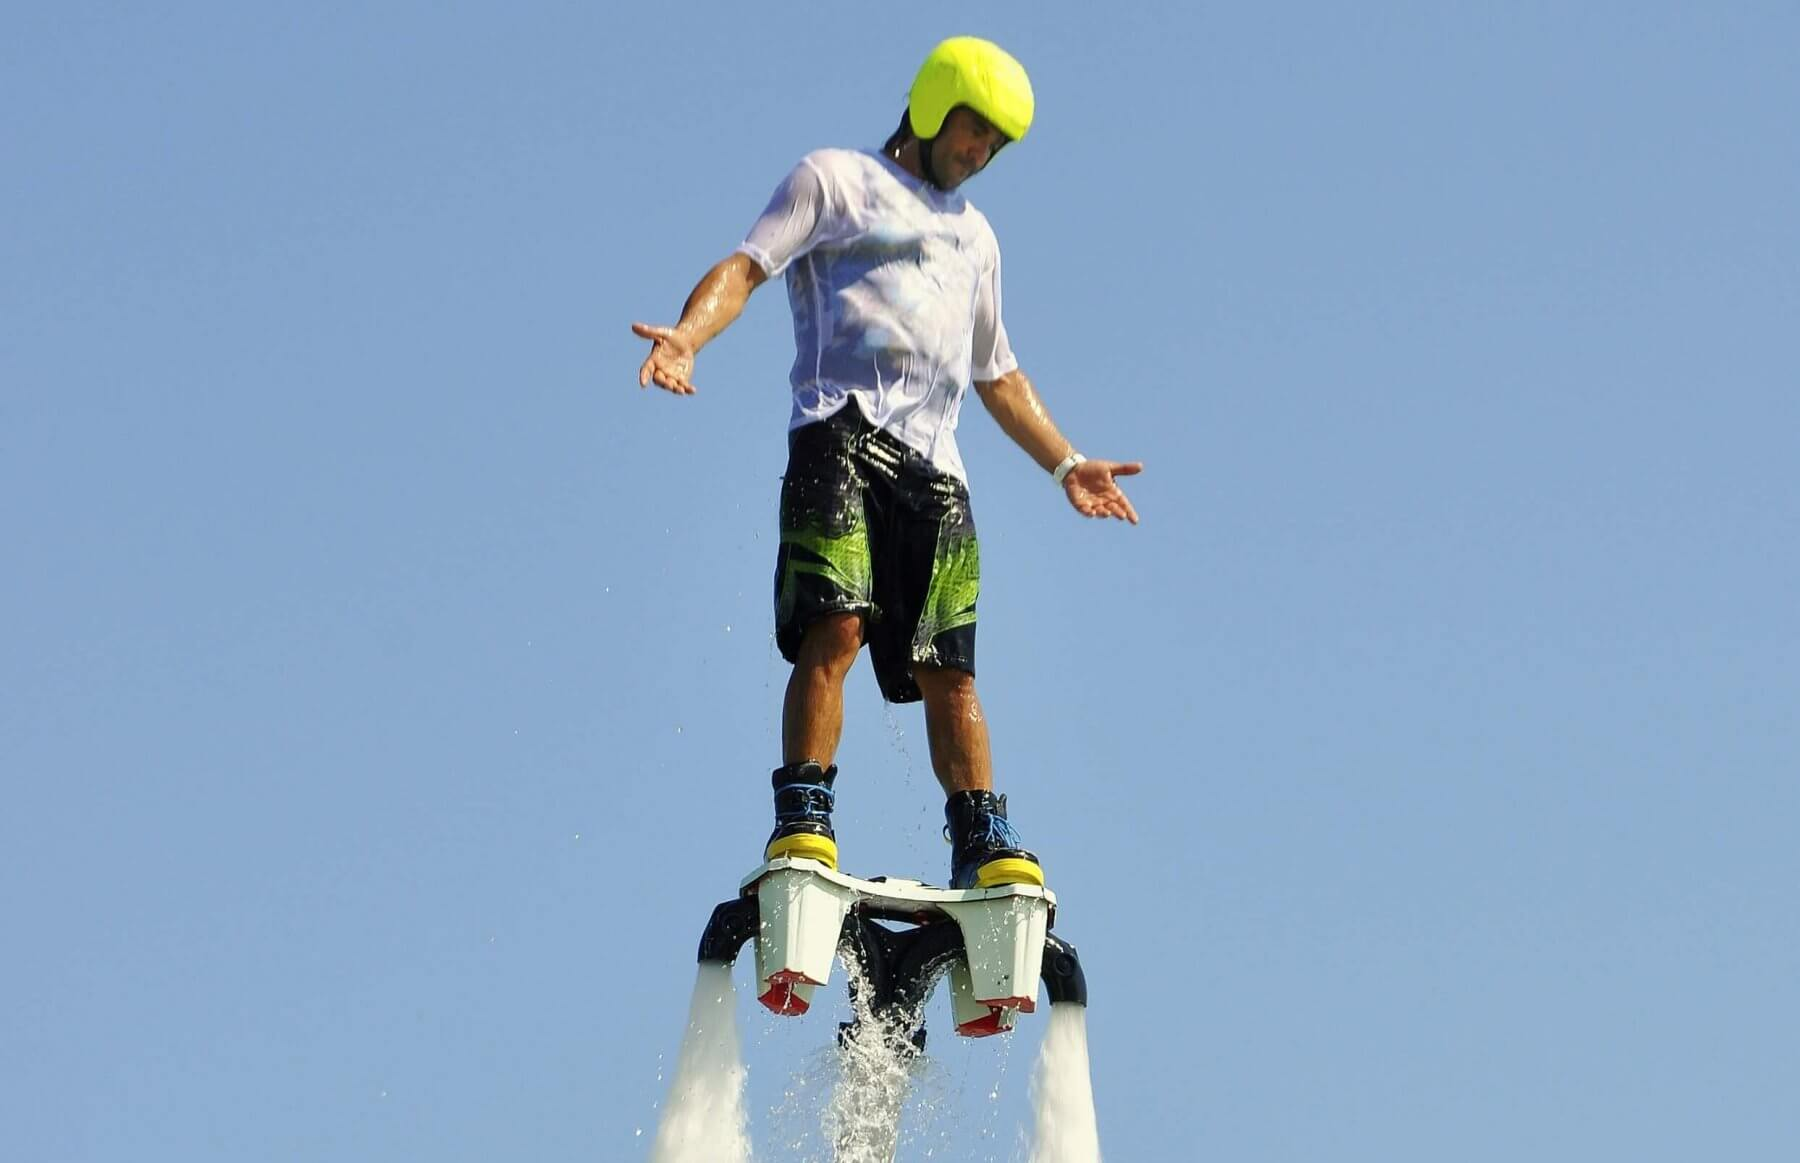 Flyboard - unieś się 8 metrów nad wodę!